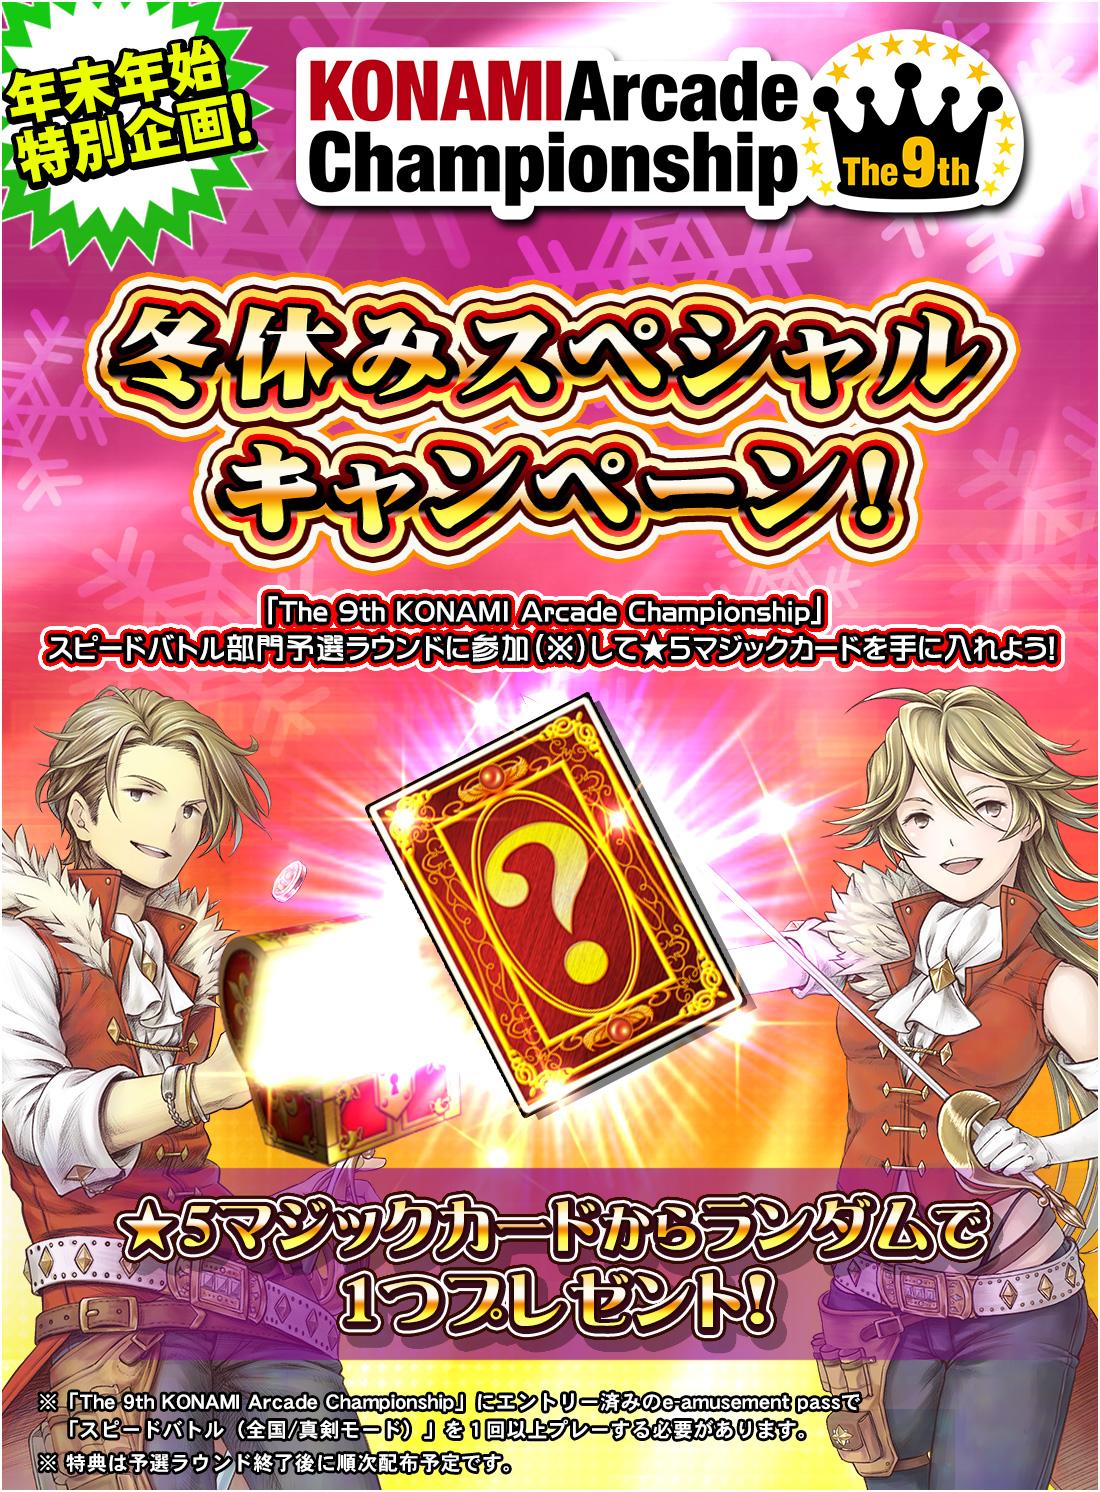 The 9th KAC 冬休みスペシャルキャンペーン